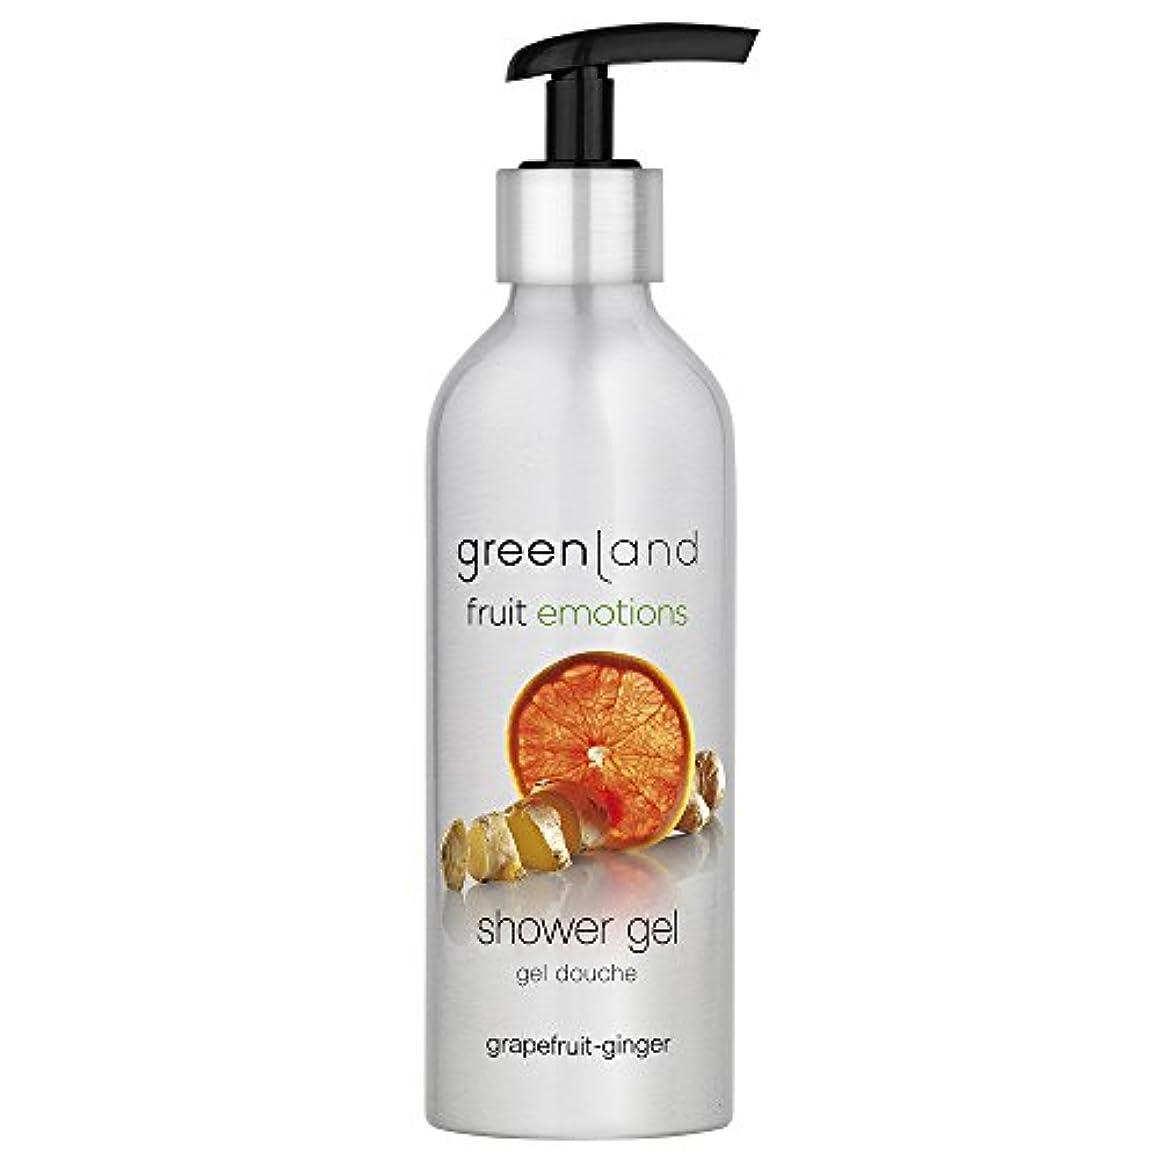 社会学土靴下greenland [FruitEmotions] シャワージェル 200ml グレープフルーツ&ジンジャー FE0215